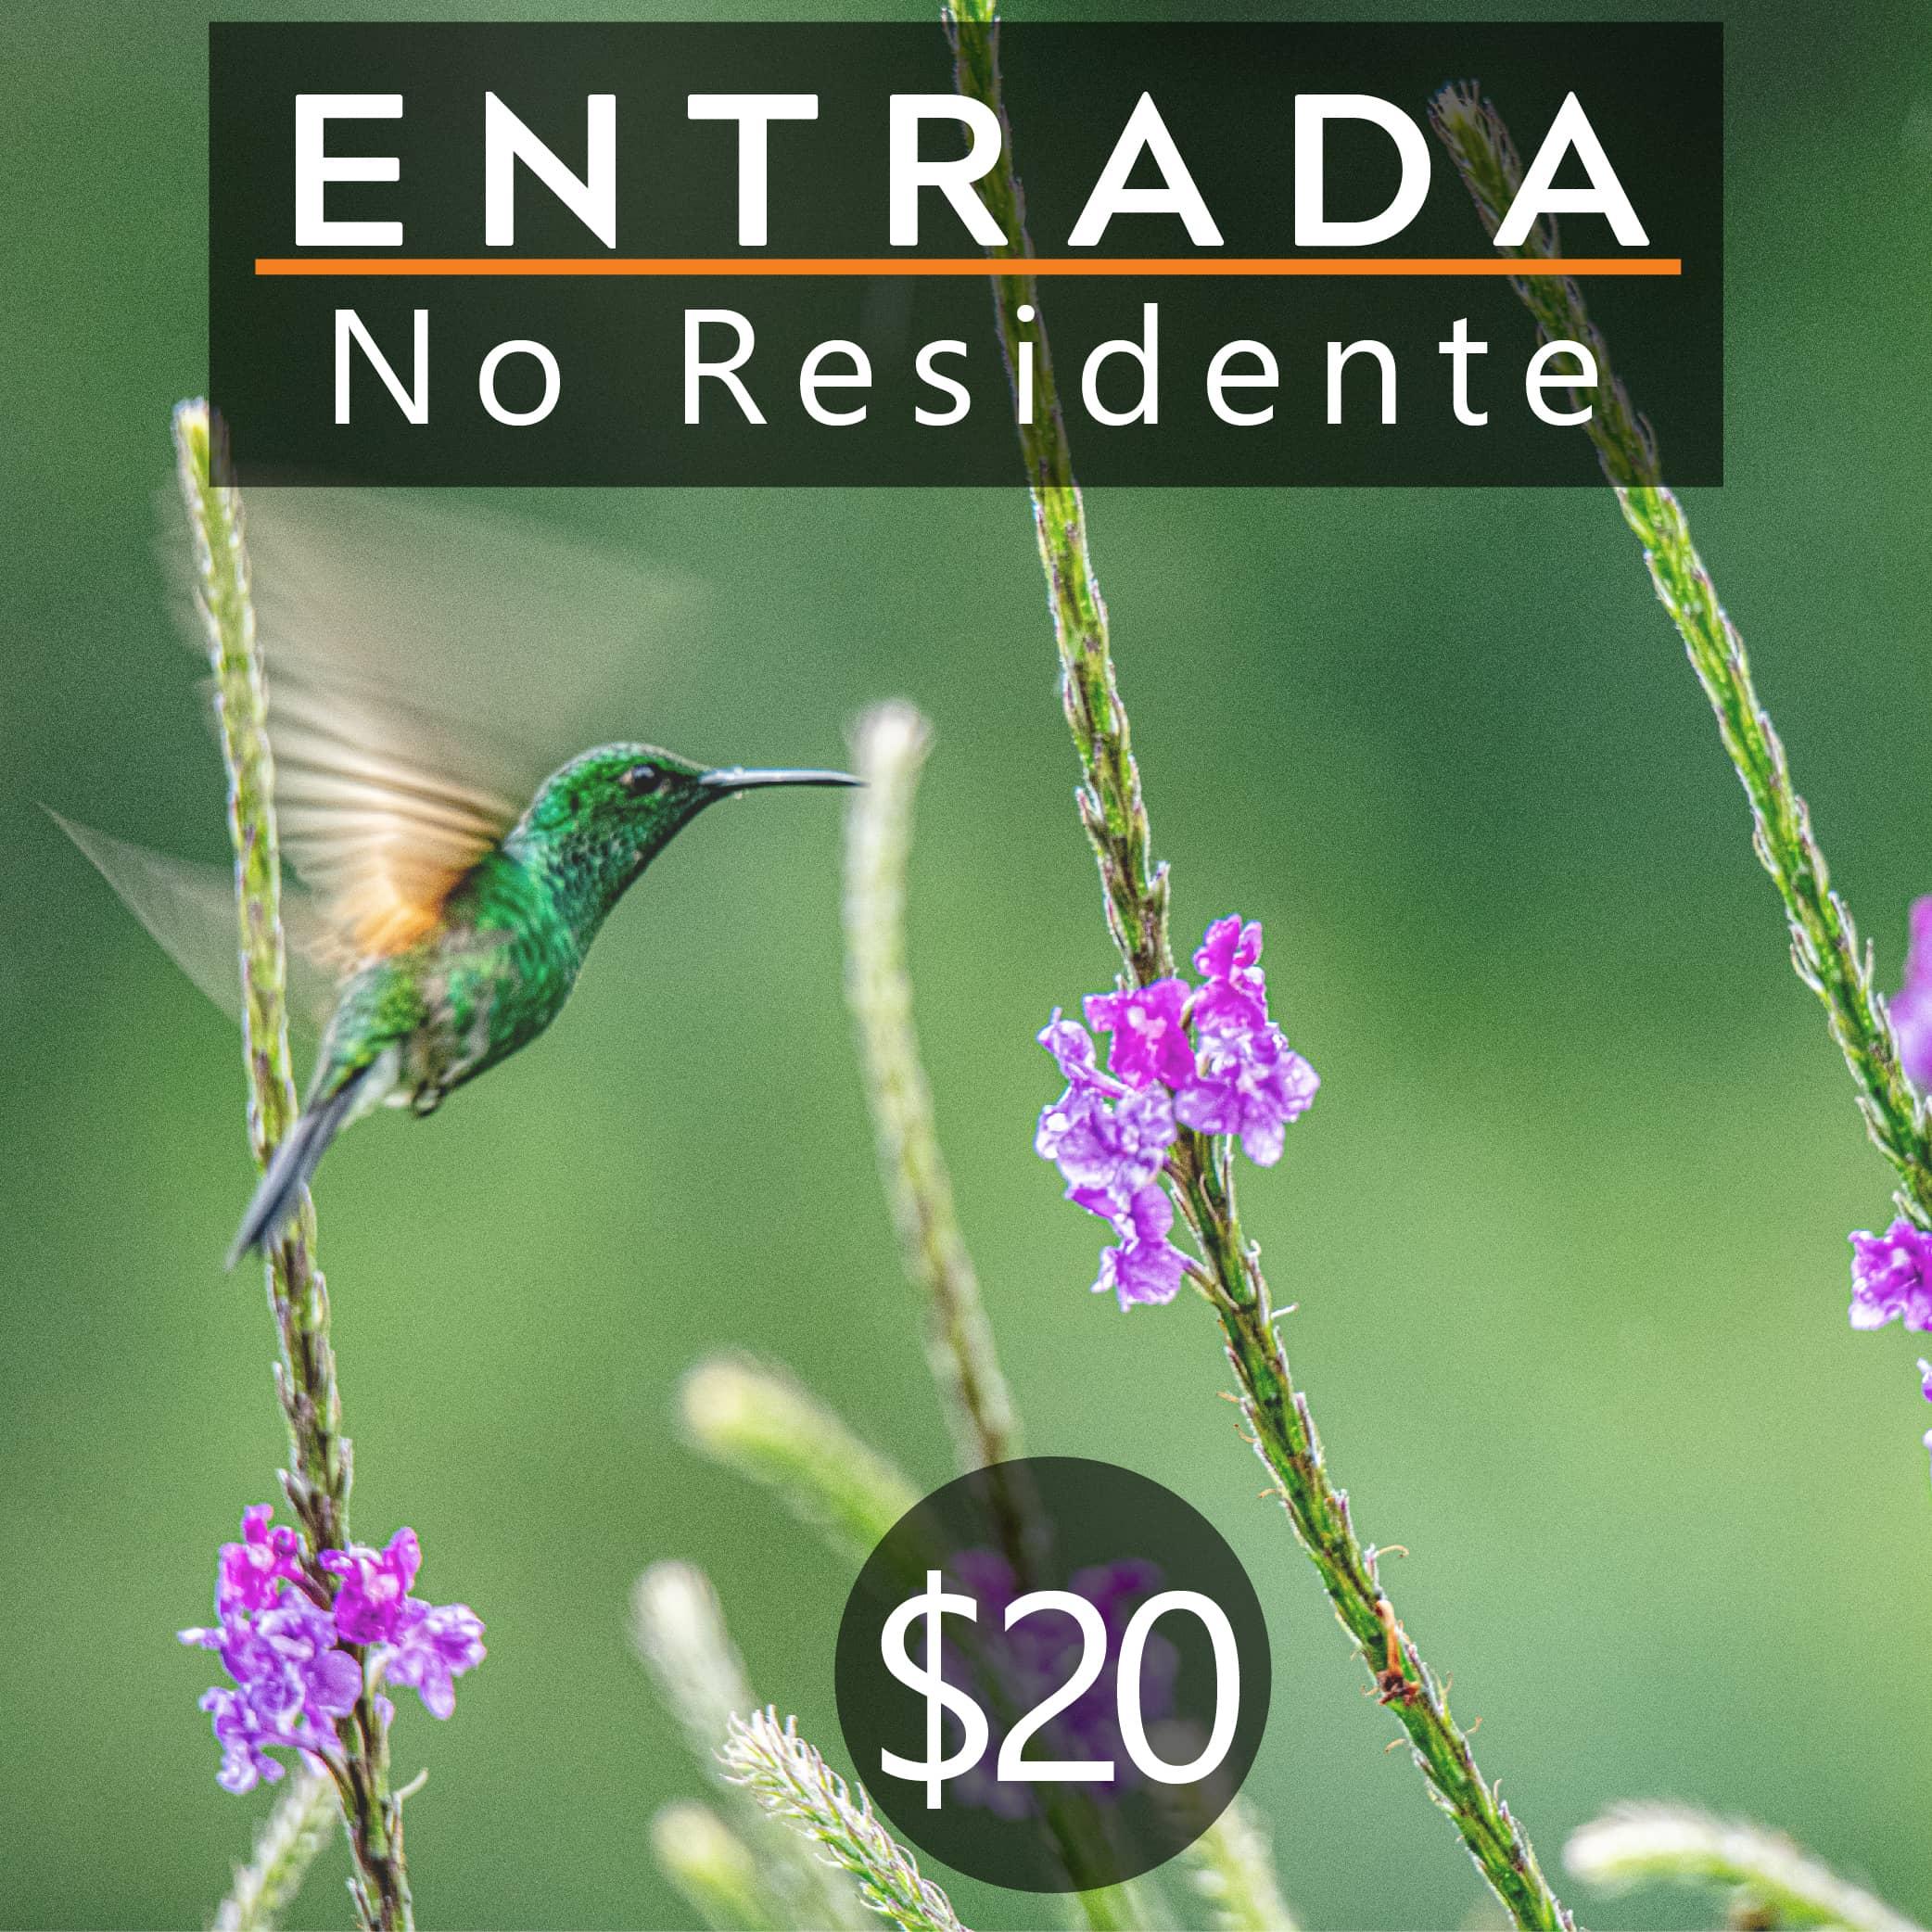 ENTRADA NO RESIDENTE